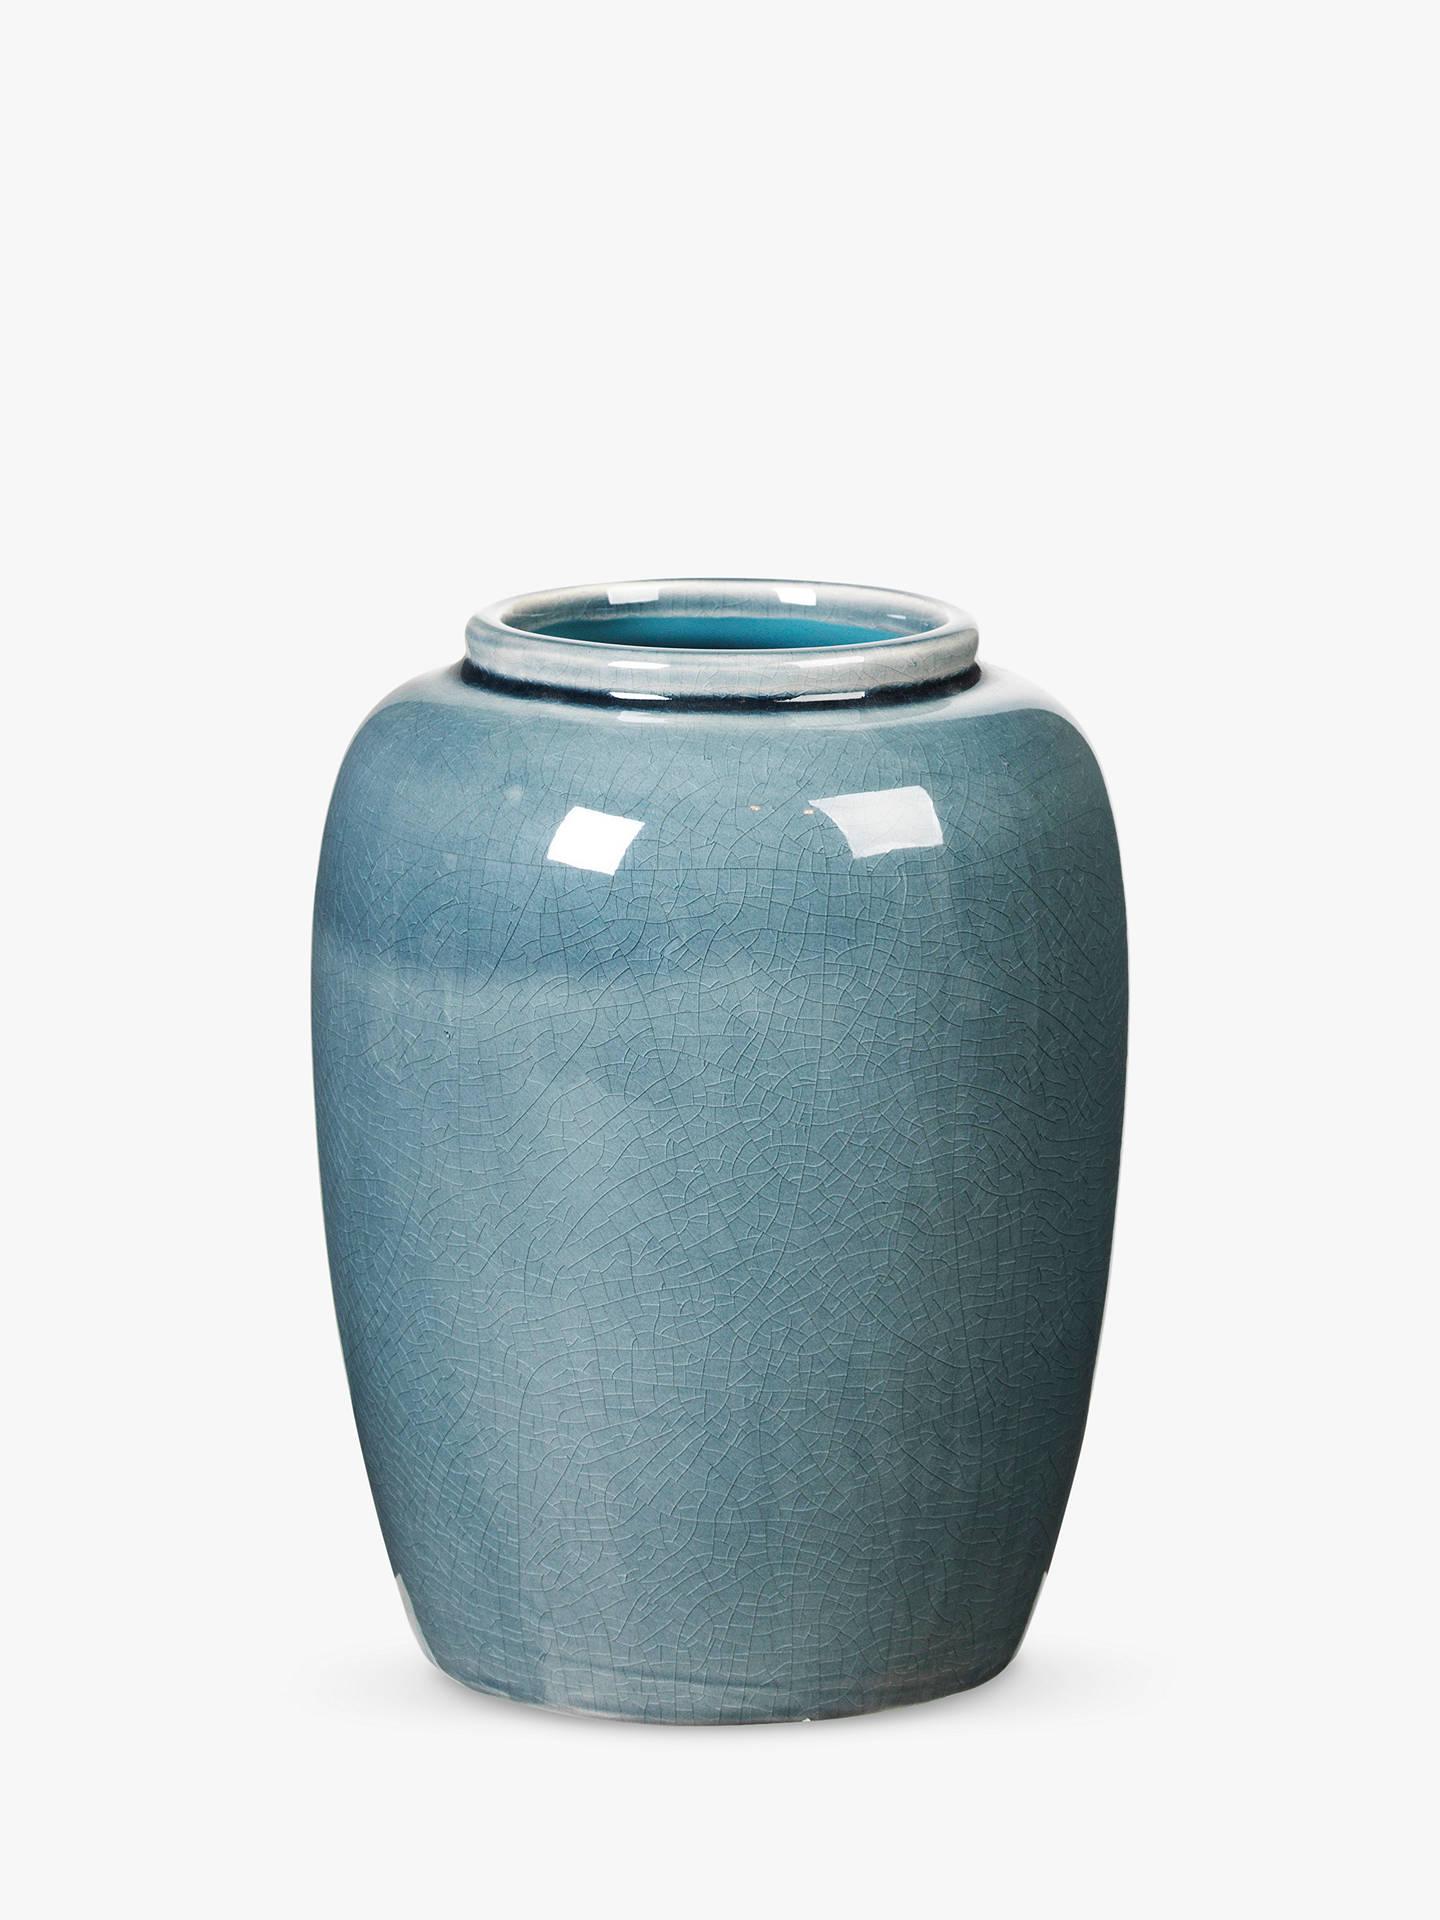 broste copenhagen crackle vase mirage blue at john lewis. Black Bedroom Furniture Sets. Home Design Ideas